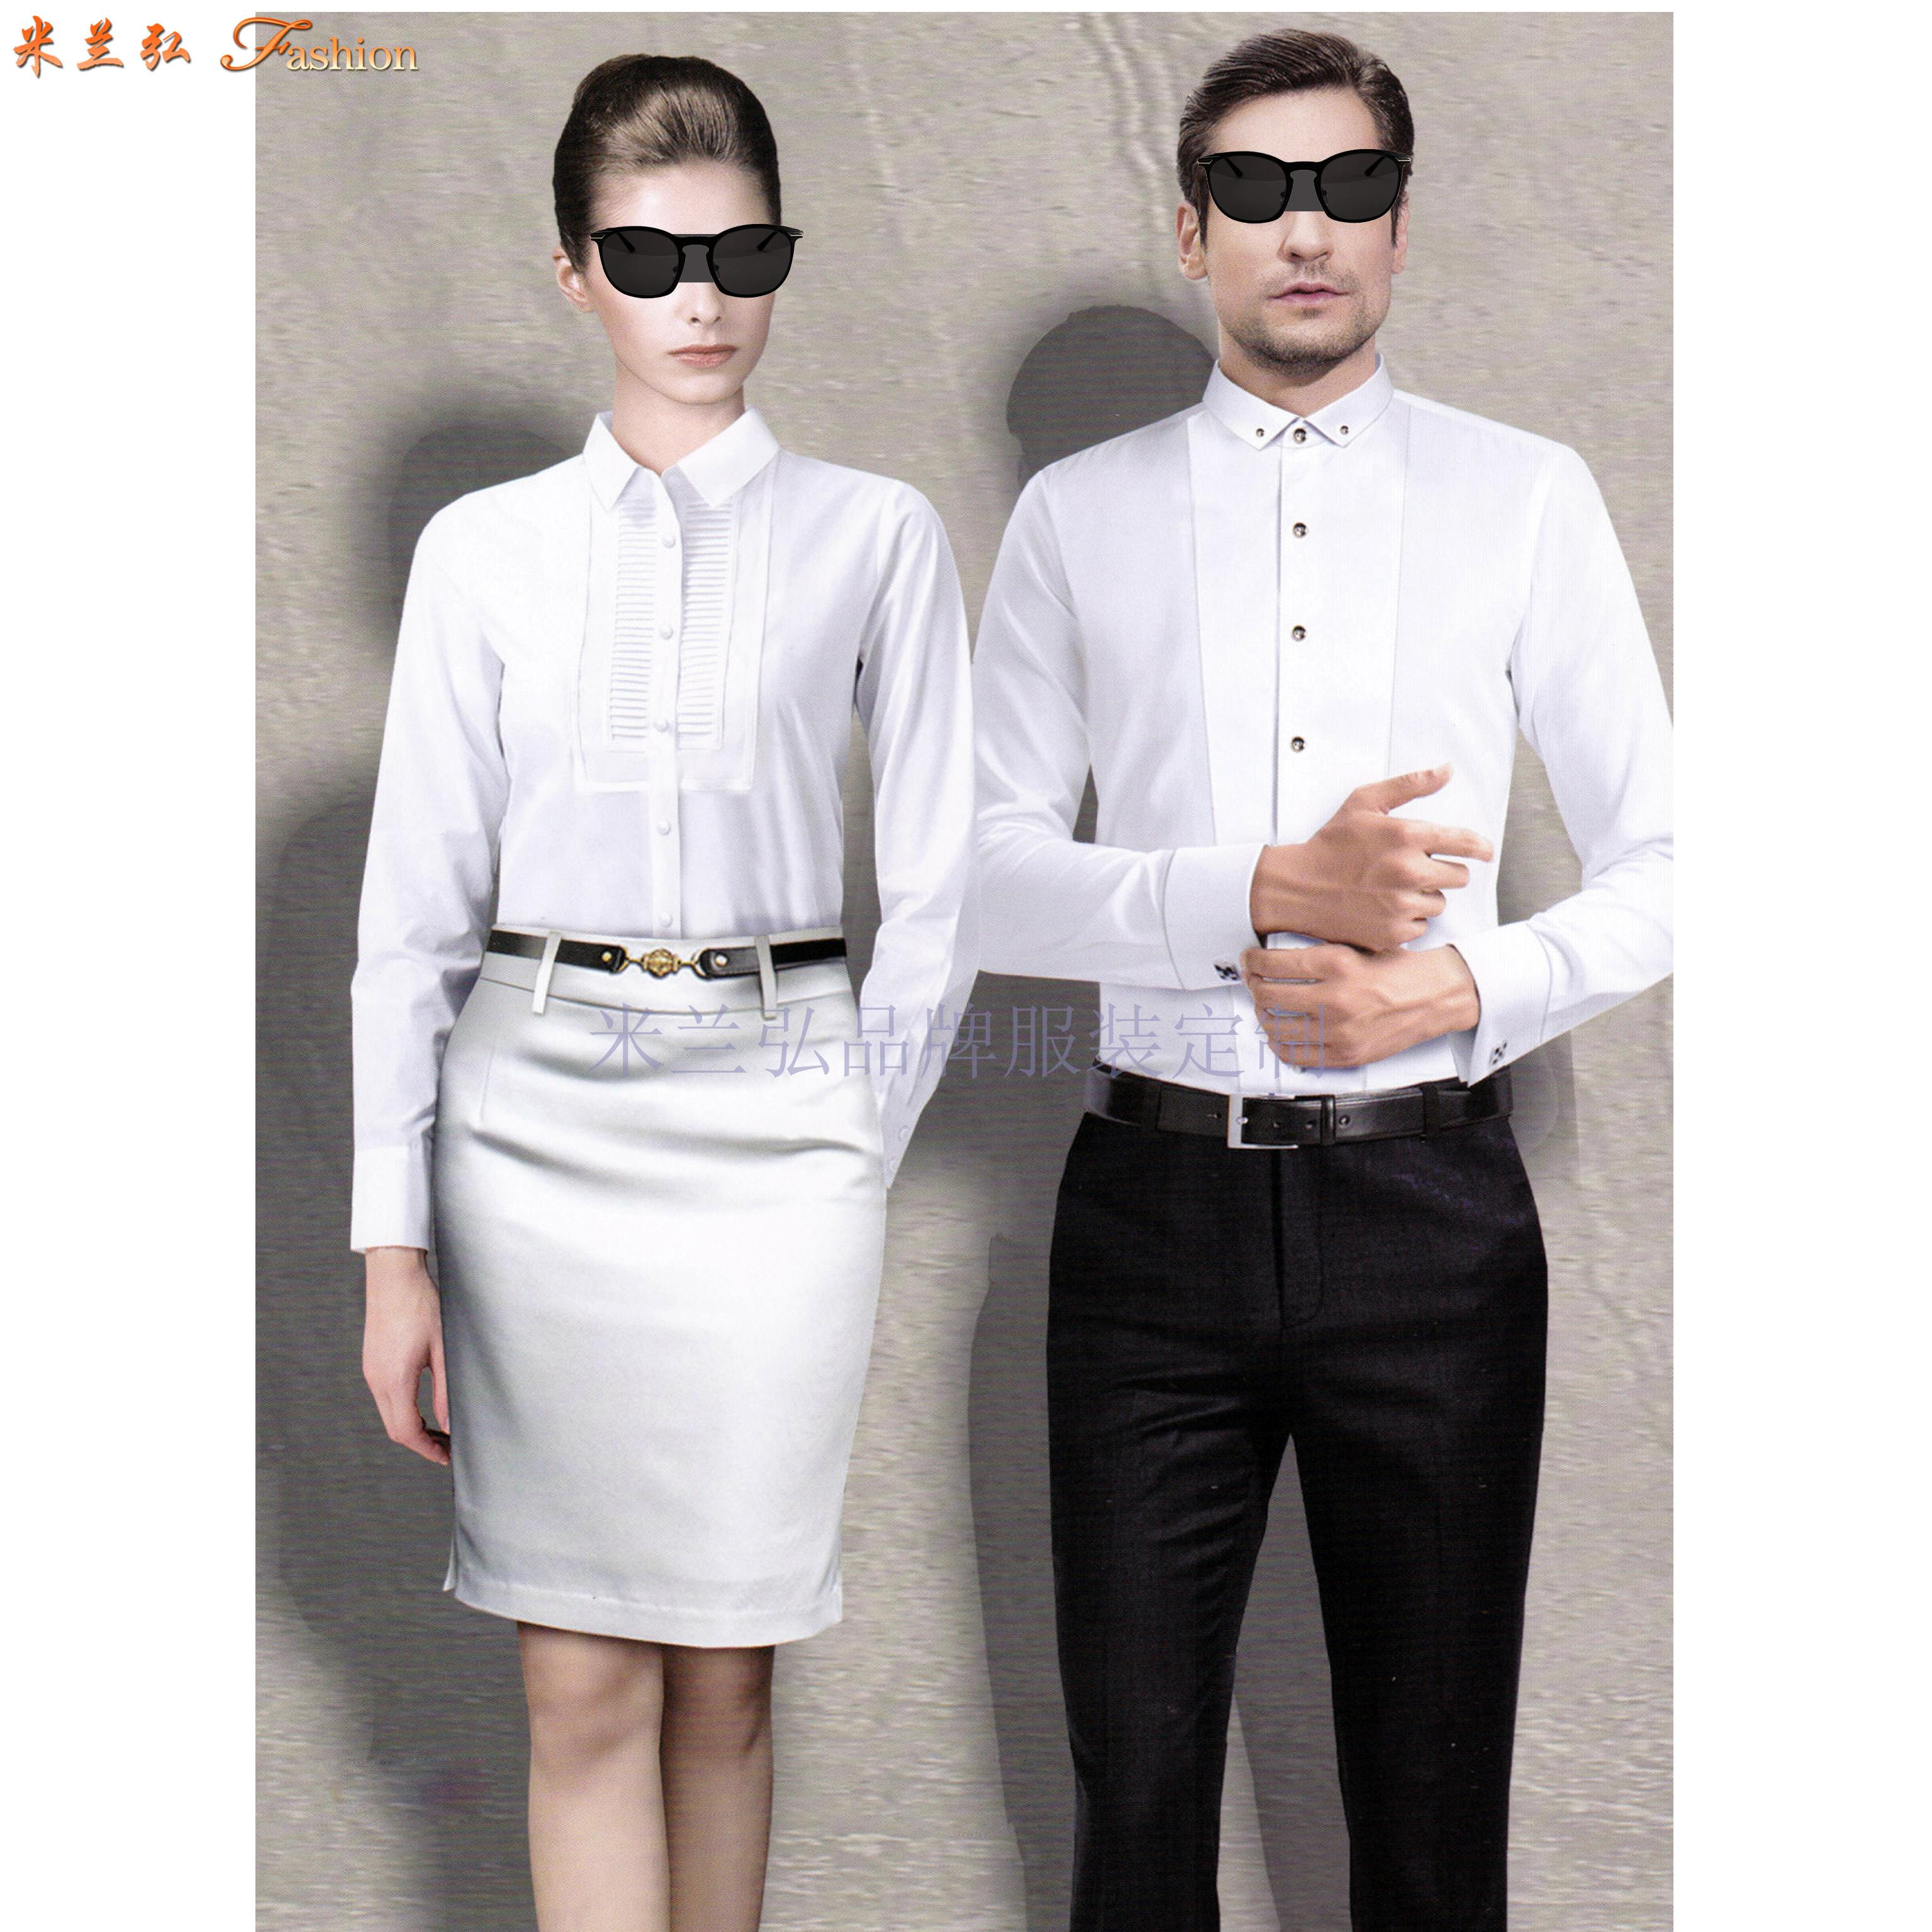 「法式襯衫」定制企業高管純棉免燙法式襯衫、白色防靜電襯衫-4